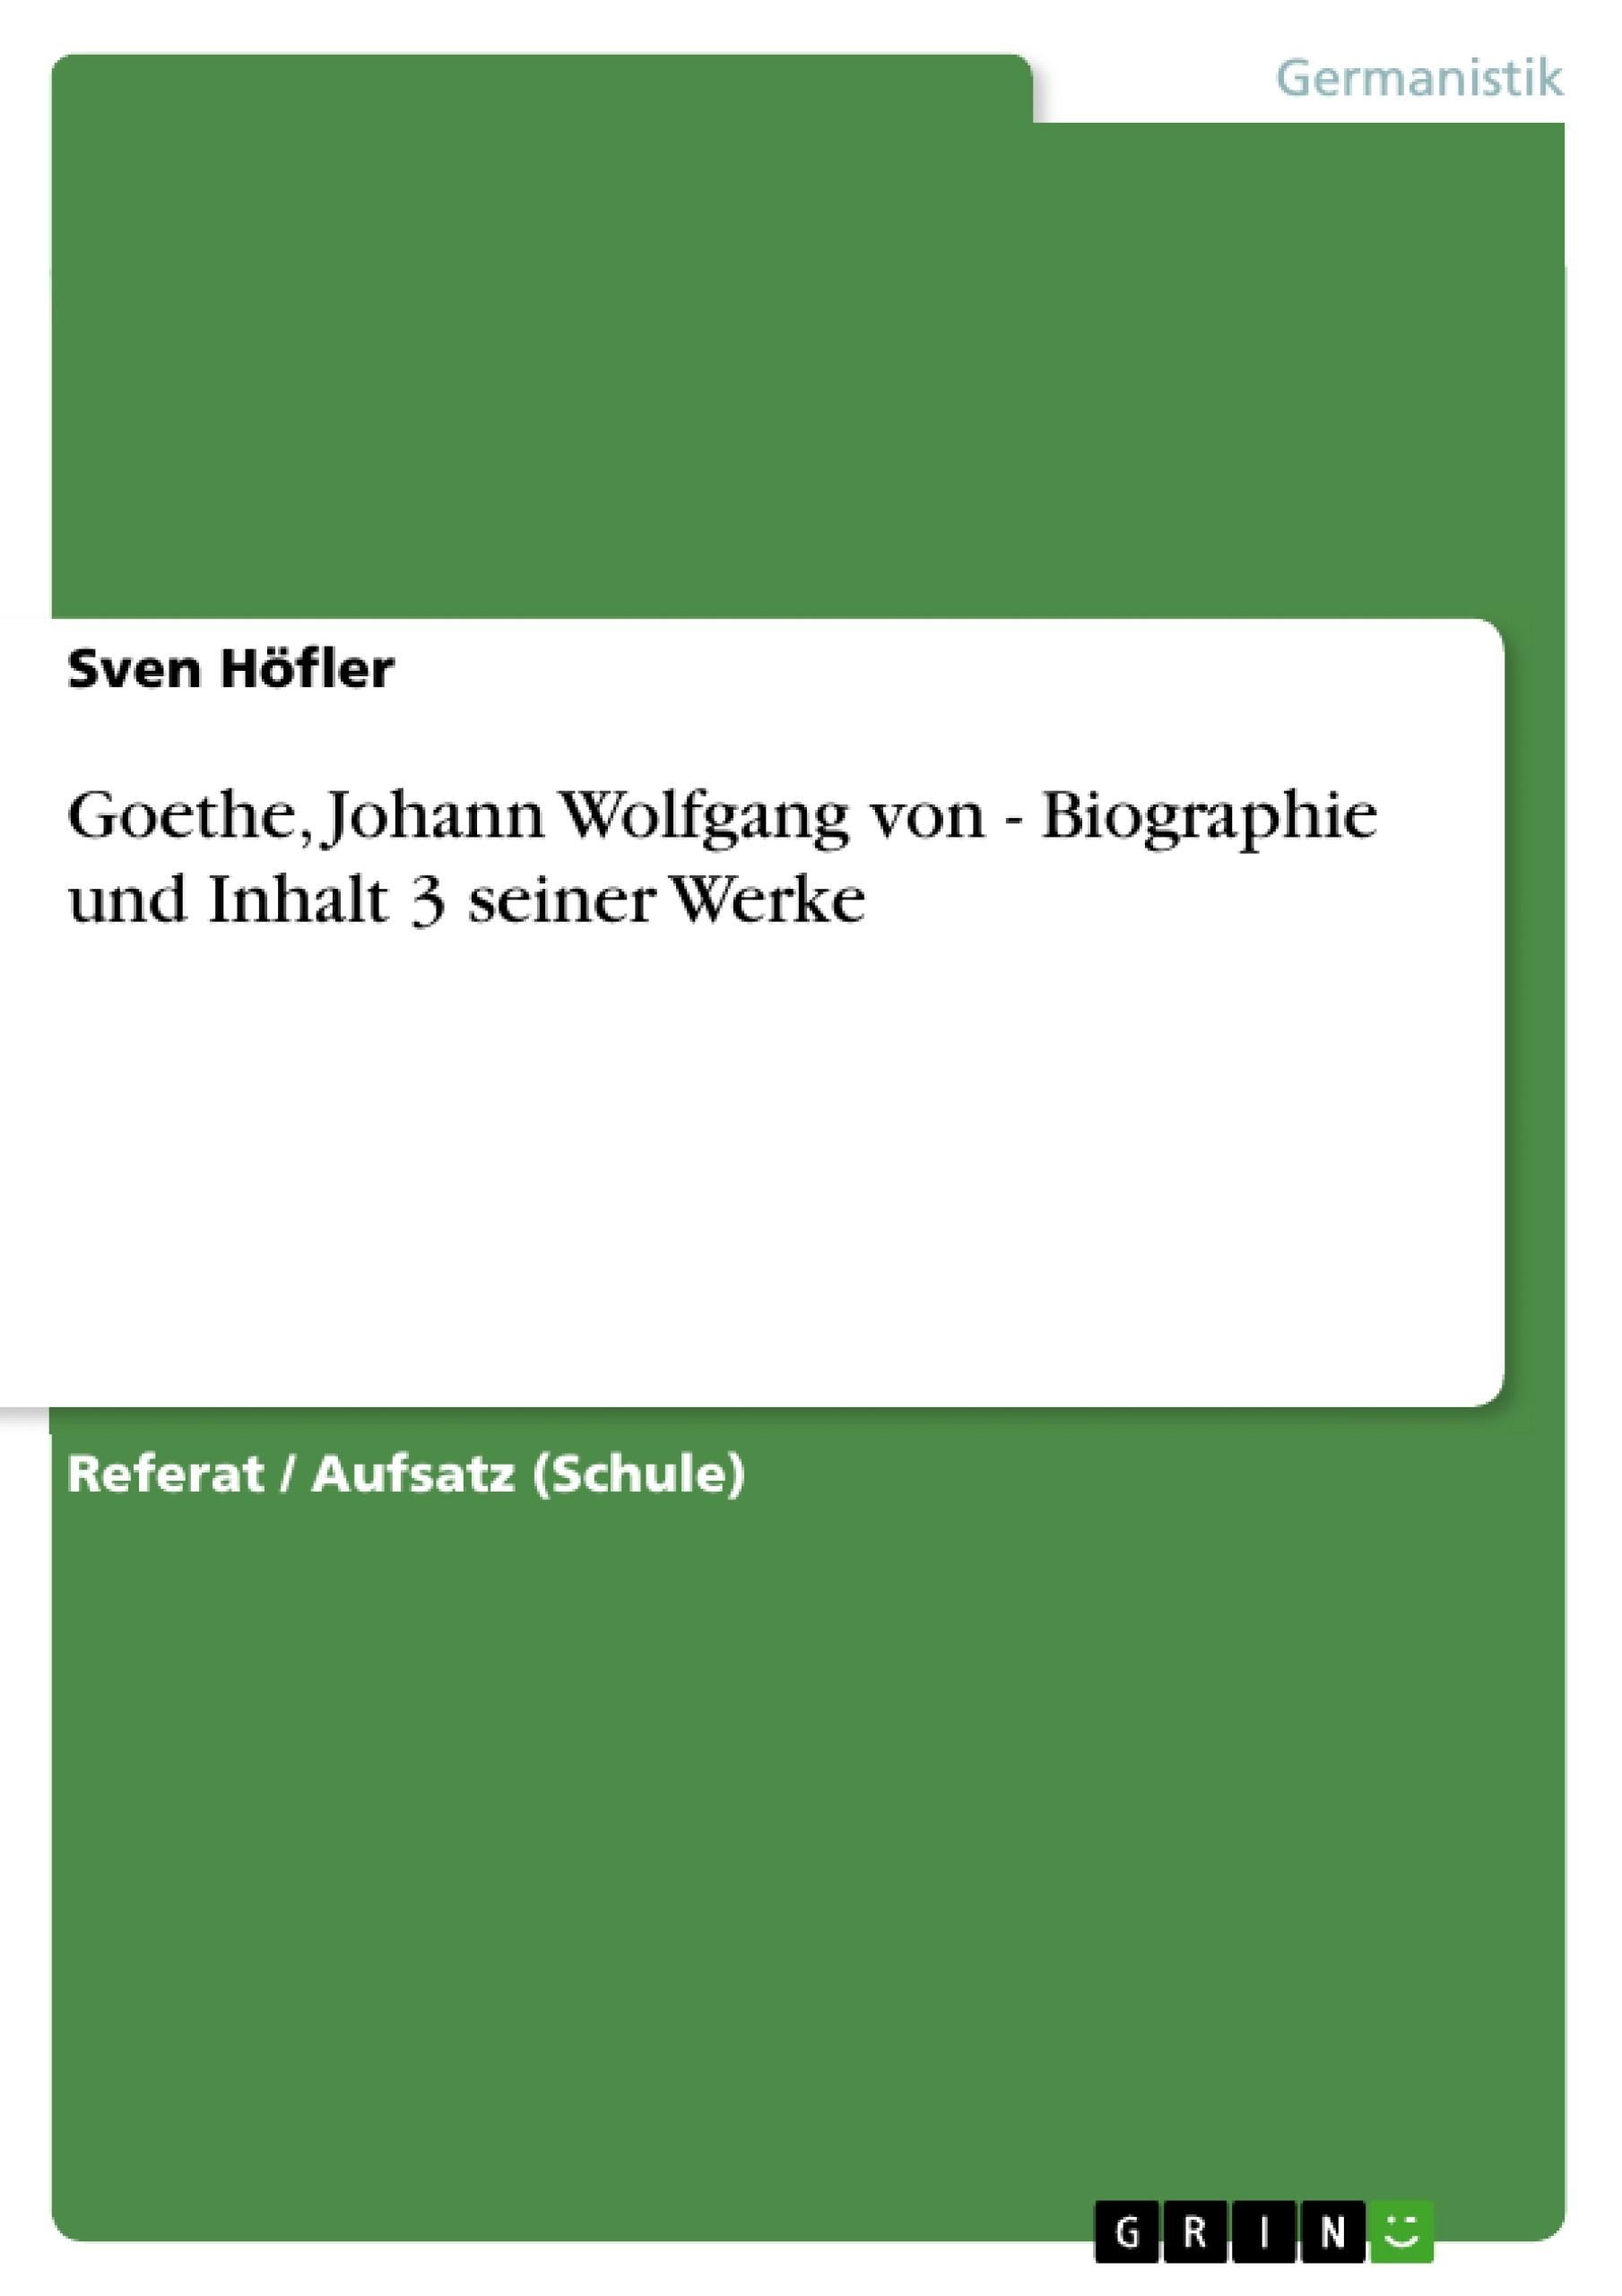 Titel: Goethe, Johann Wolfgang von - Biographie und Inhalt 3 seiner Werke